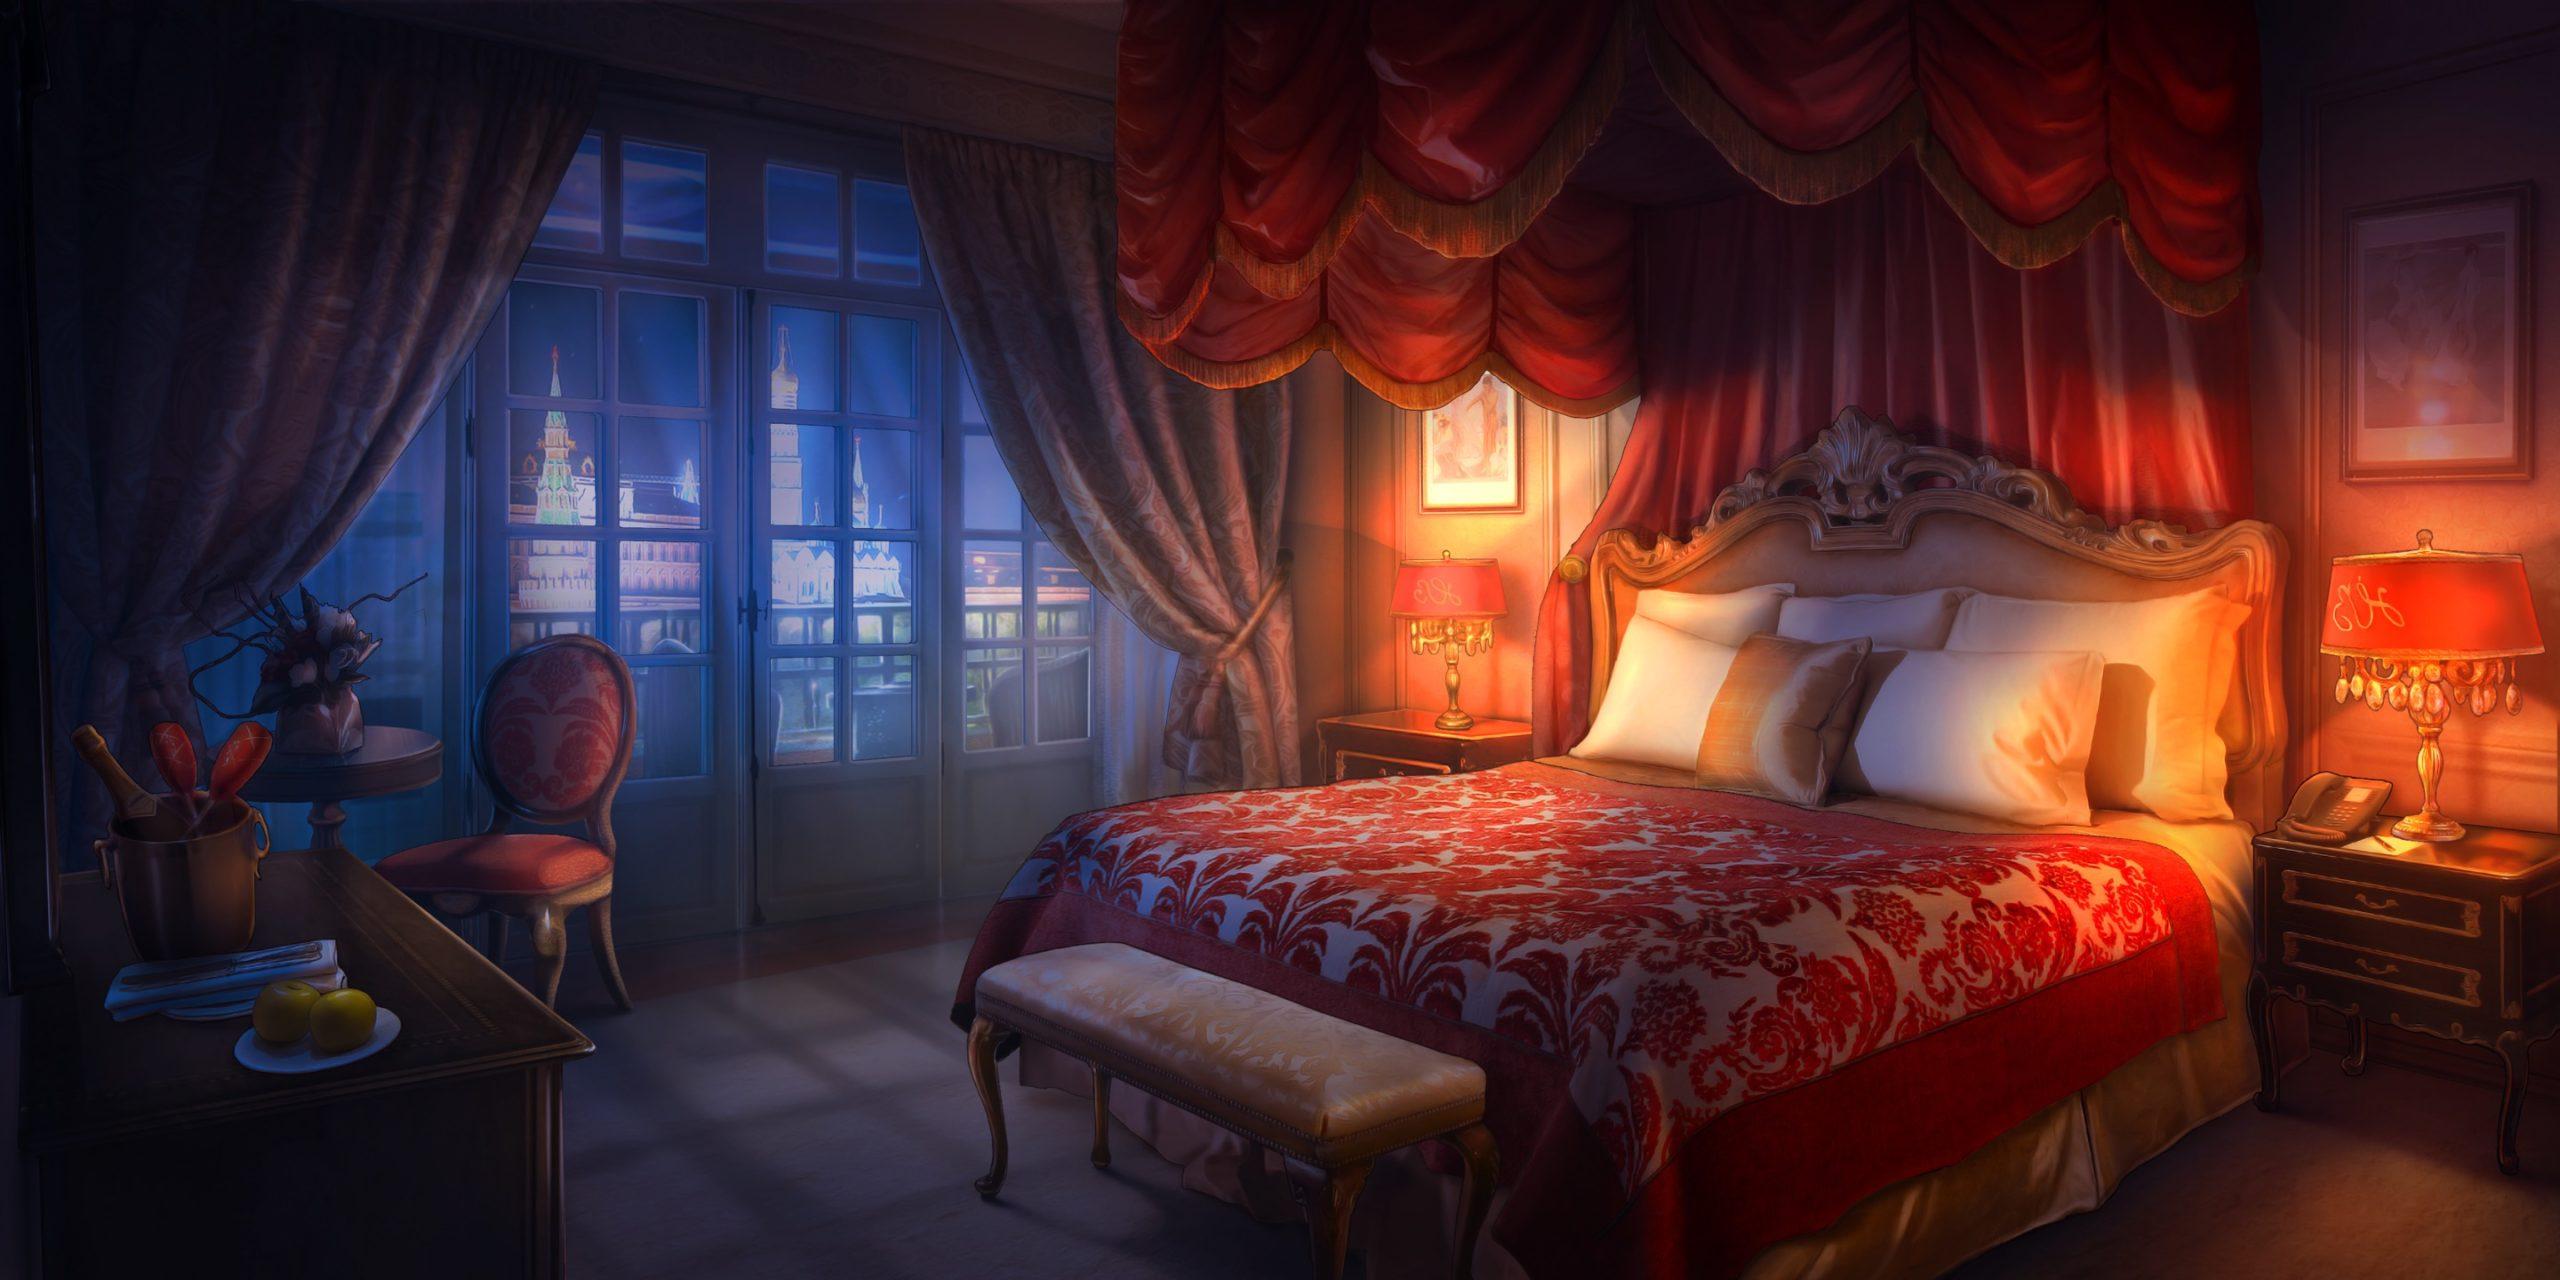 jake personnage de Is It Love et le décor d'une chambre